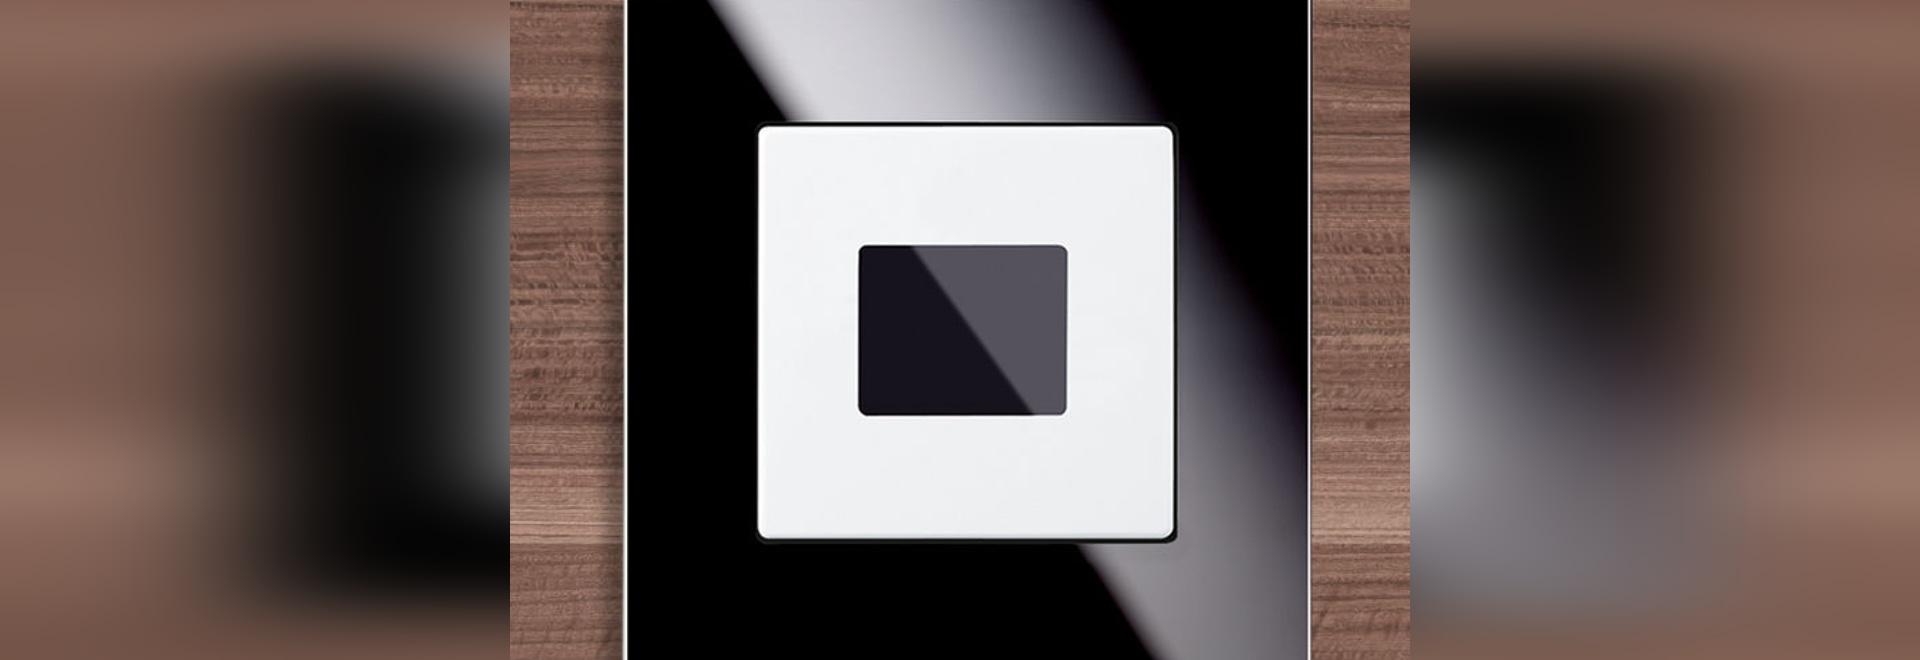 NEU: Lichtschalter by Busch-Jaeger Elektro - Busch-Jaeger Elektro